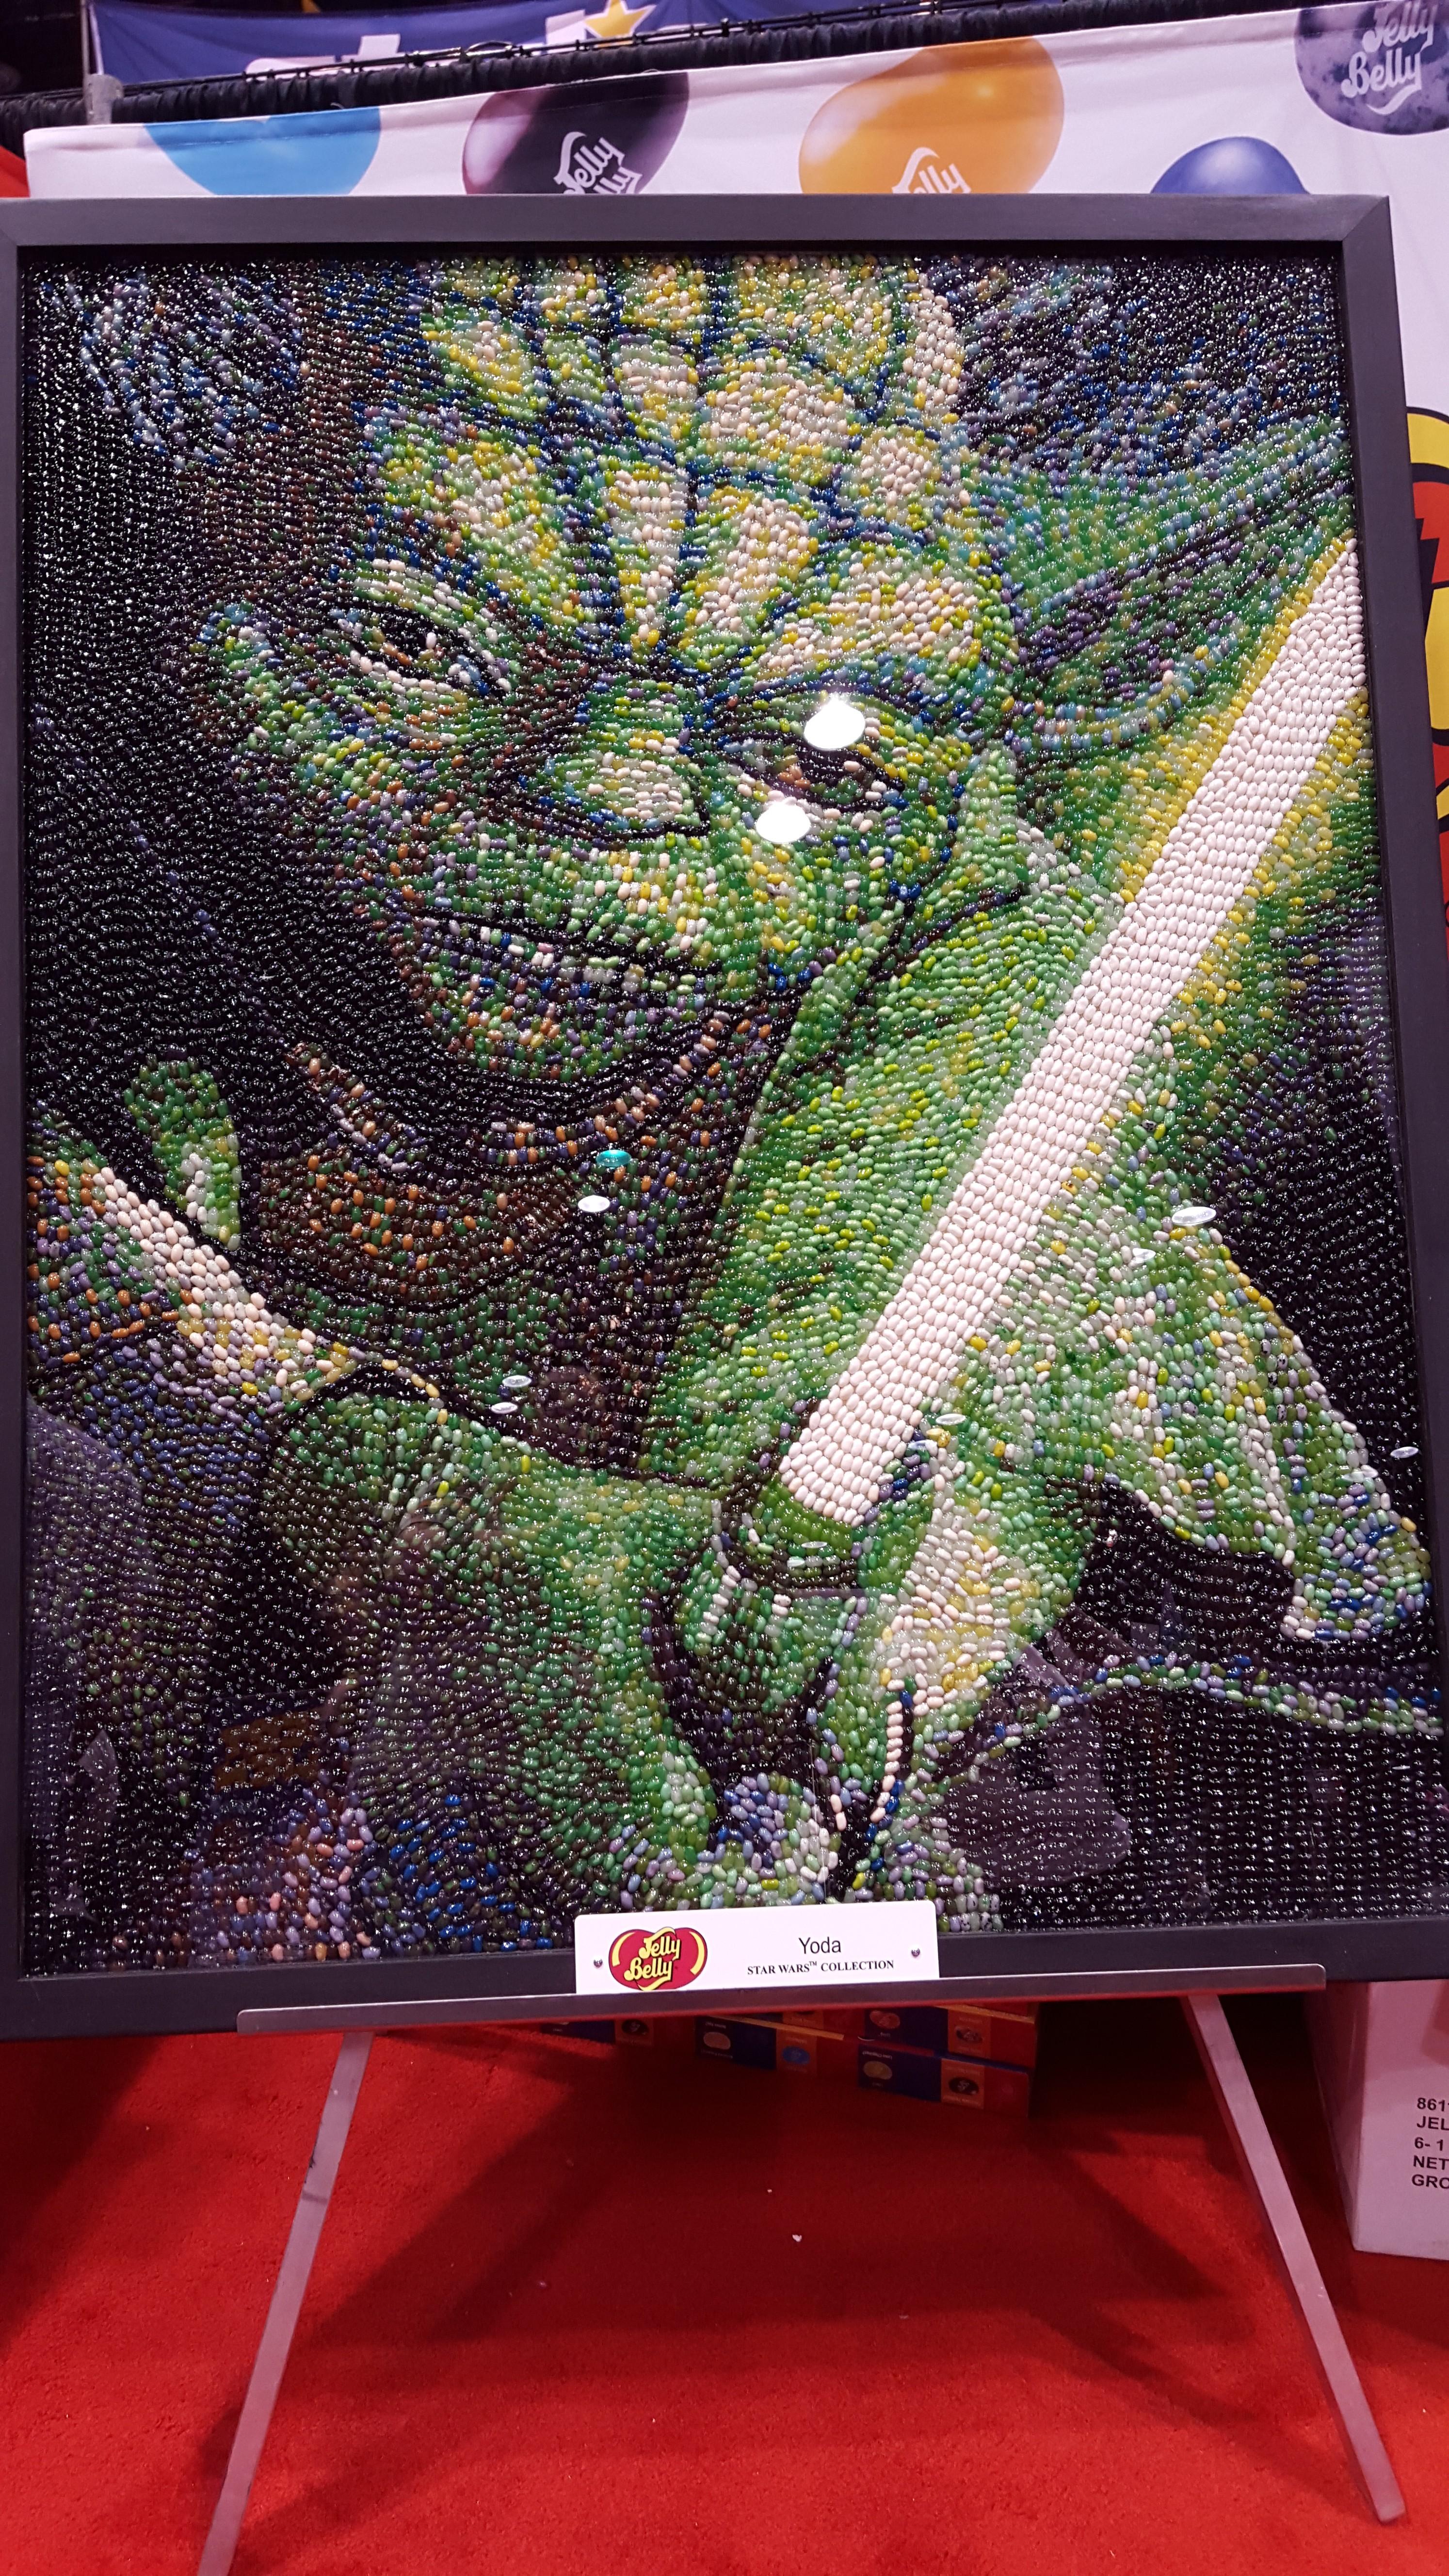 Yoda, Jelly Belly